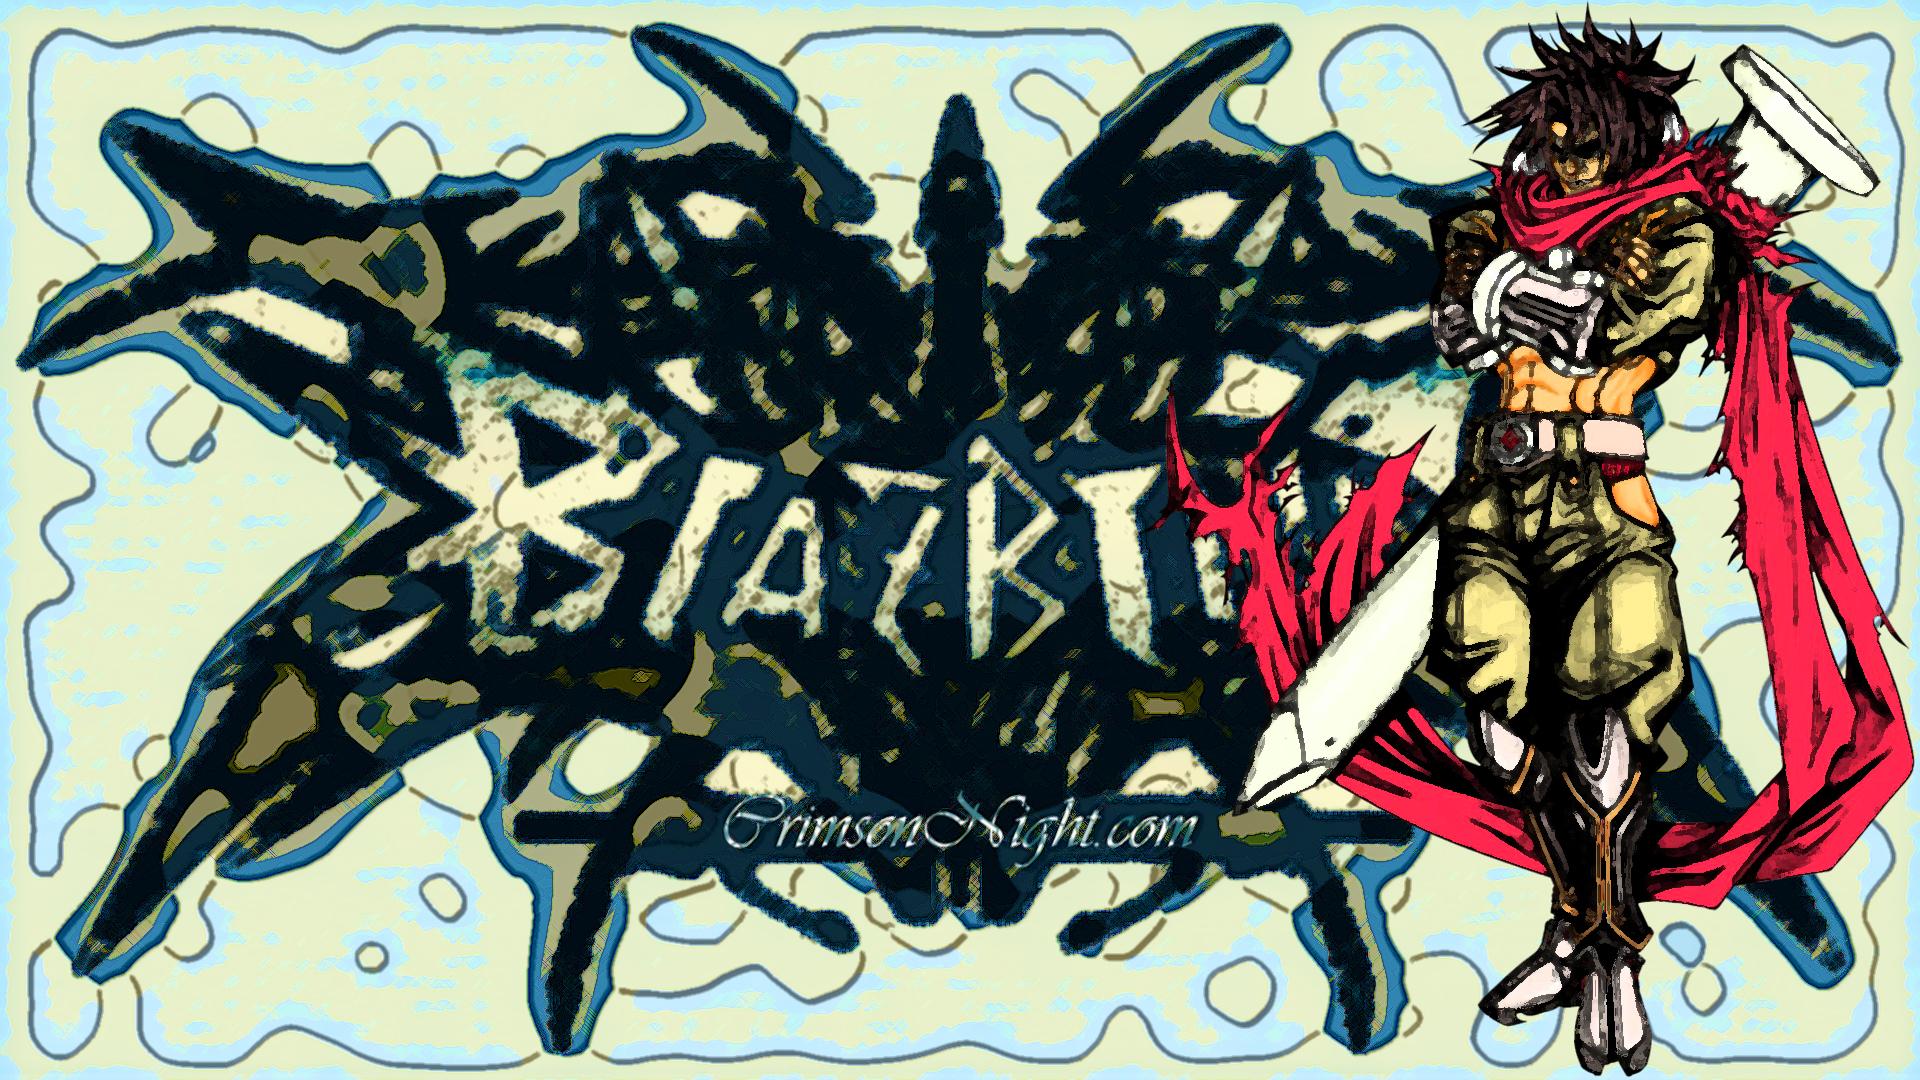 crimsonnightcomImagesWallpapersBlazBlue HD Wallpaper Bang 1920x1080